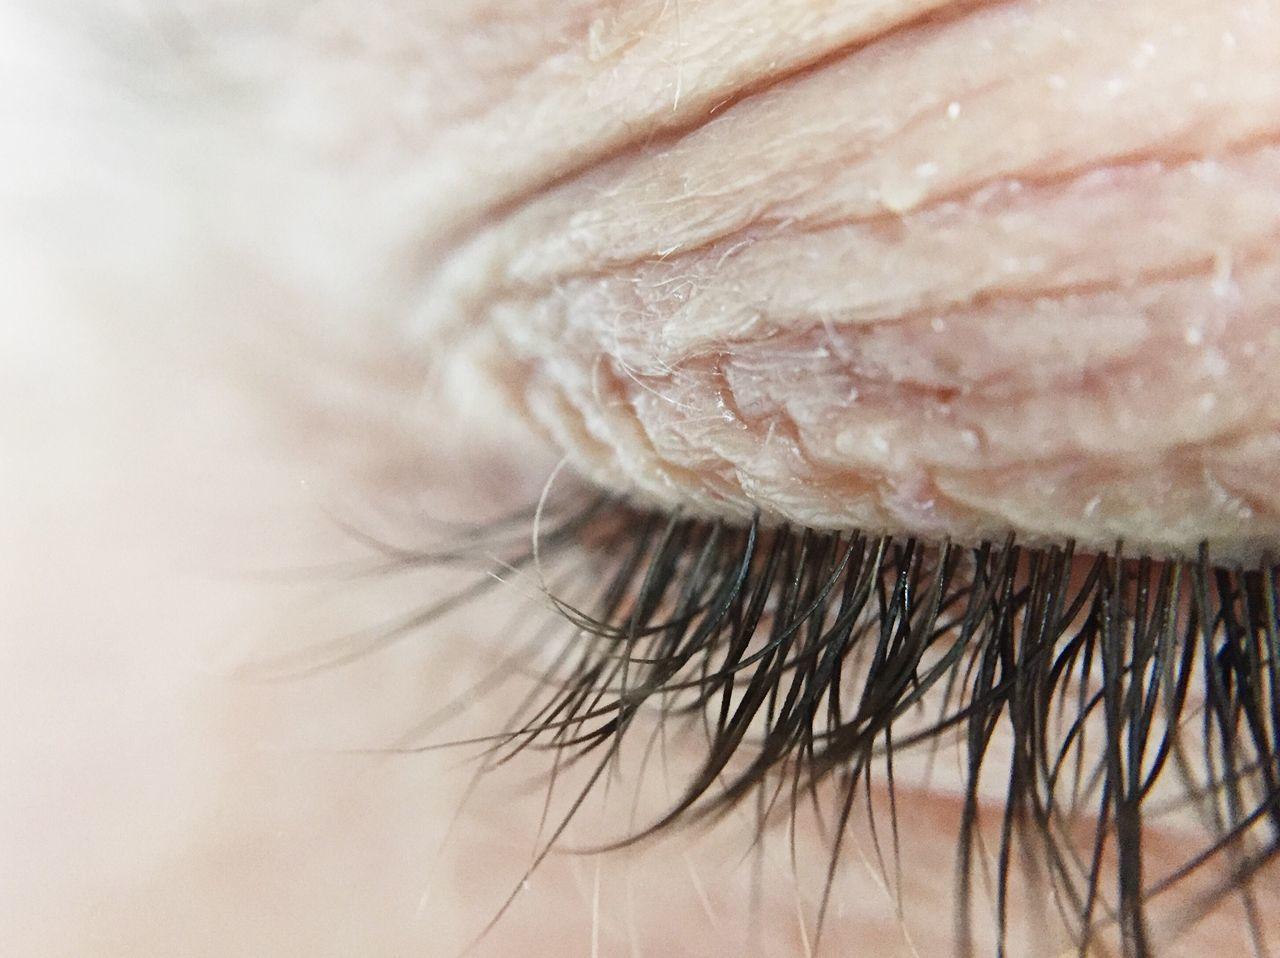 Human iris Iris human eye detail close-up Fresh on Market 2017